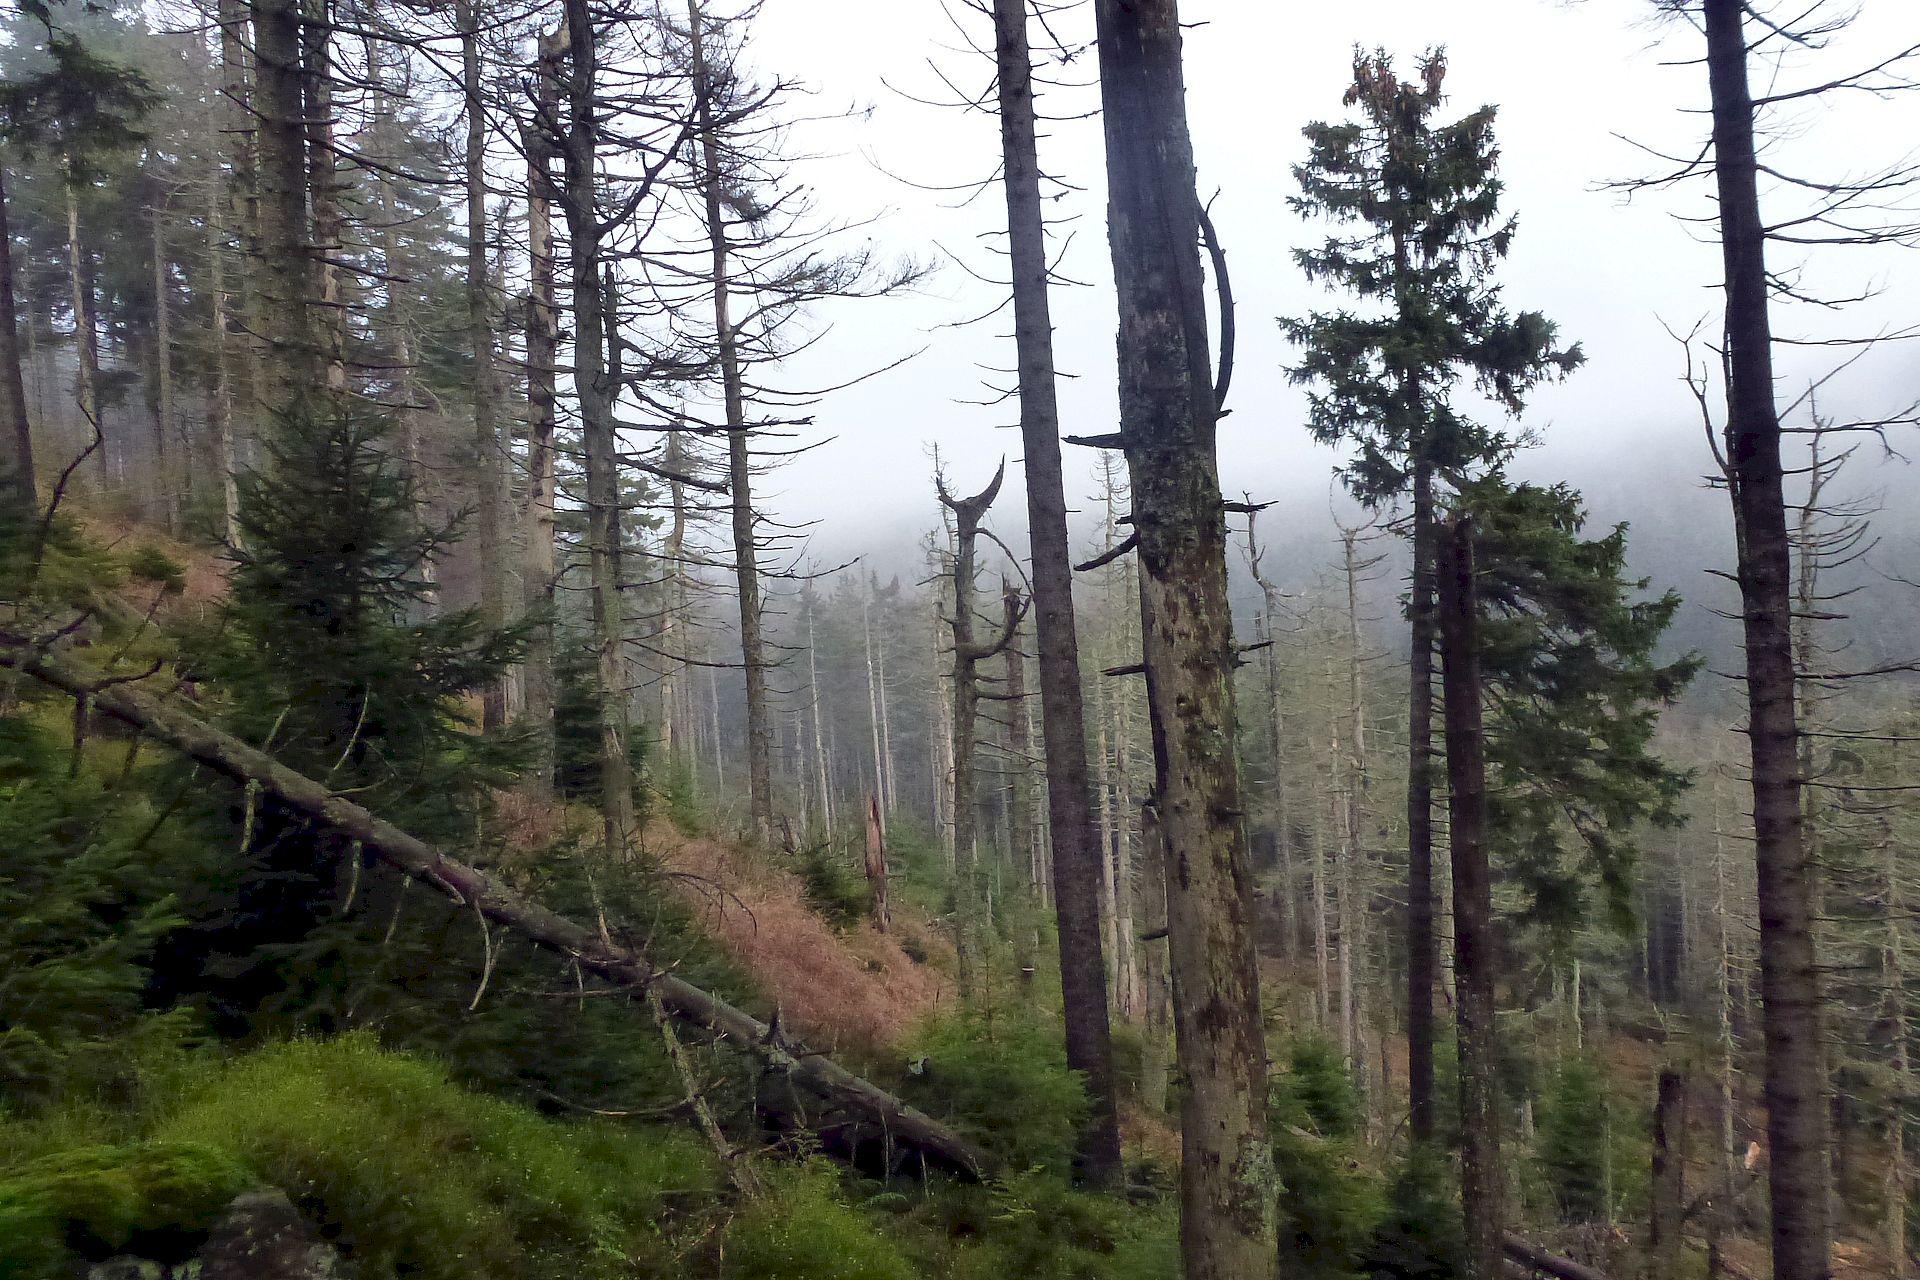 Werden Waldflächen sich selbst überlassen, kommt es nach einiger Zeit zur Freisetzung von CO2.